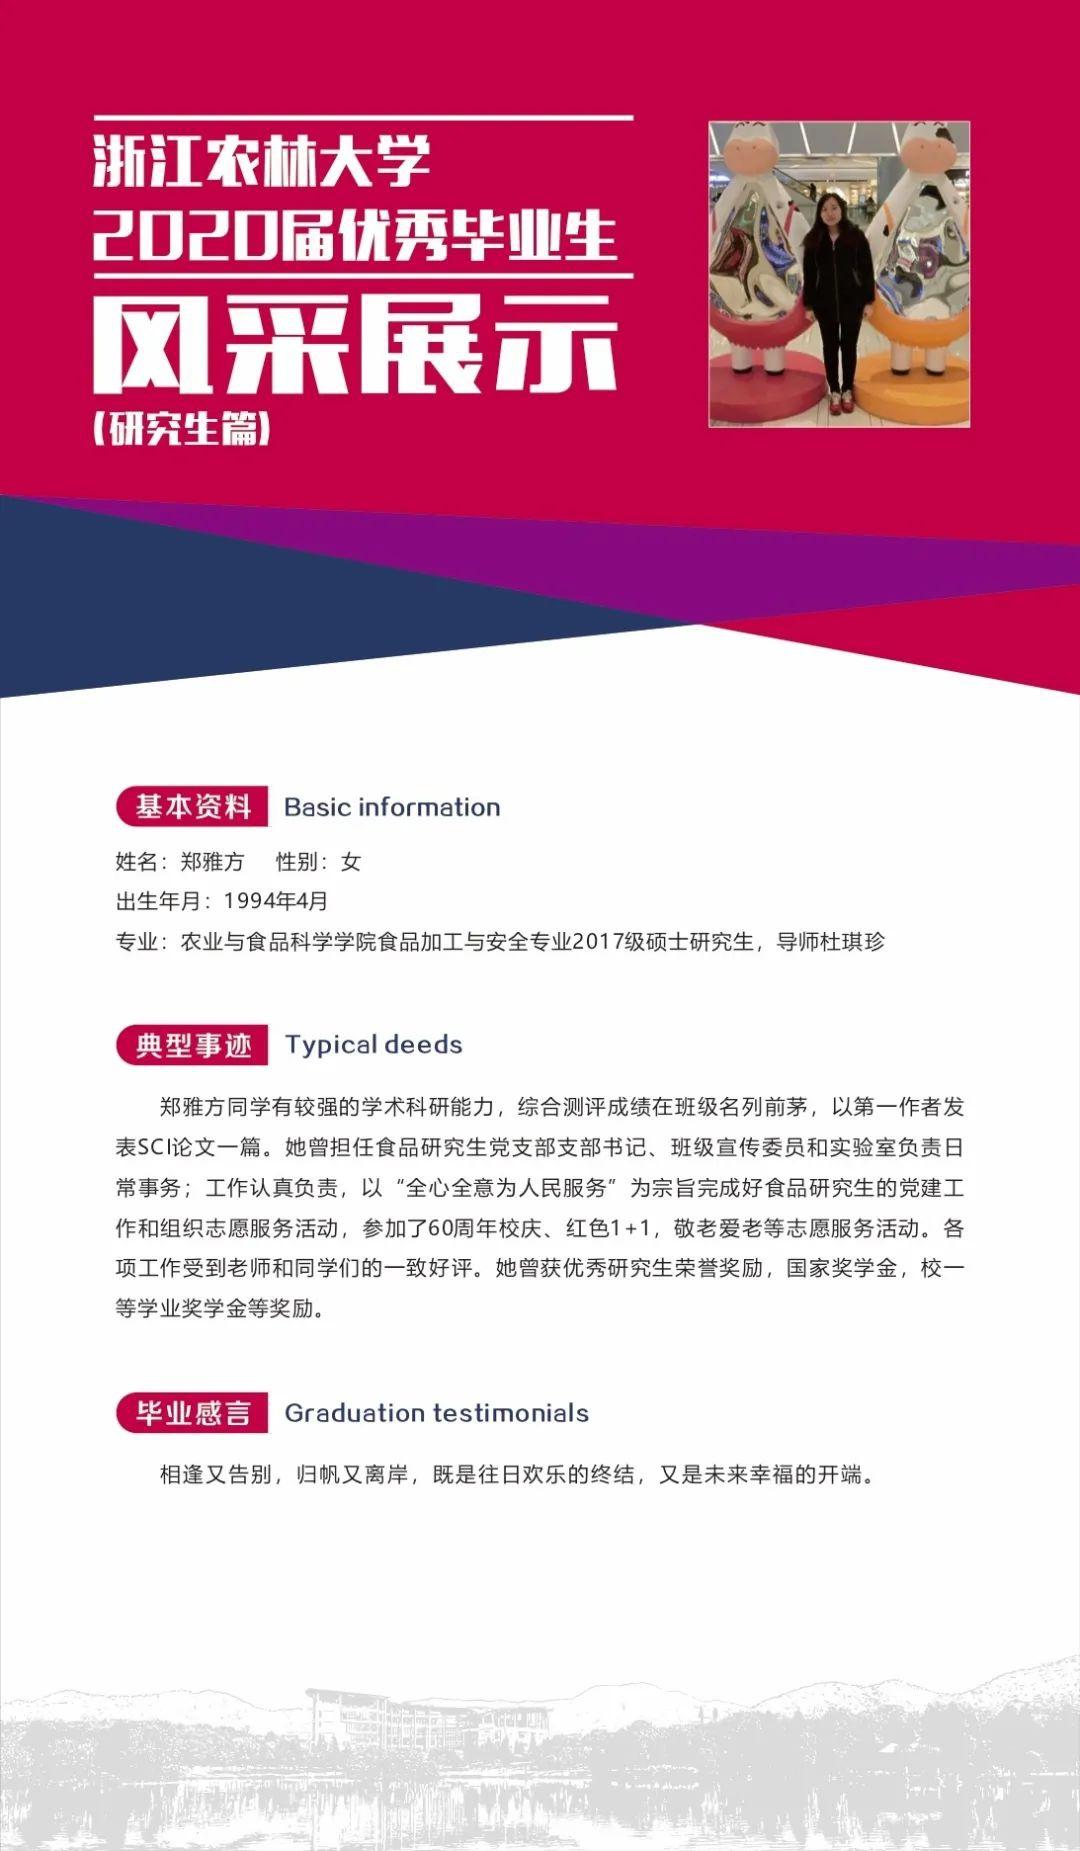 [赢咖3注册开户]圆梦浙农林|2020图片